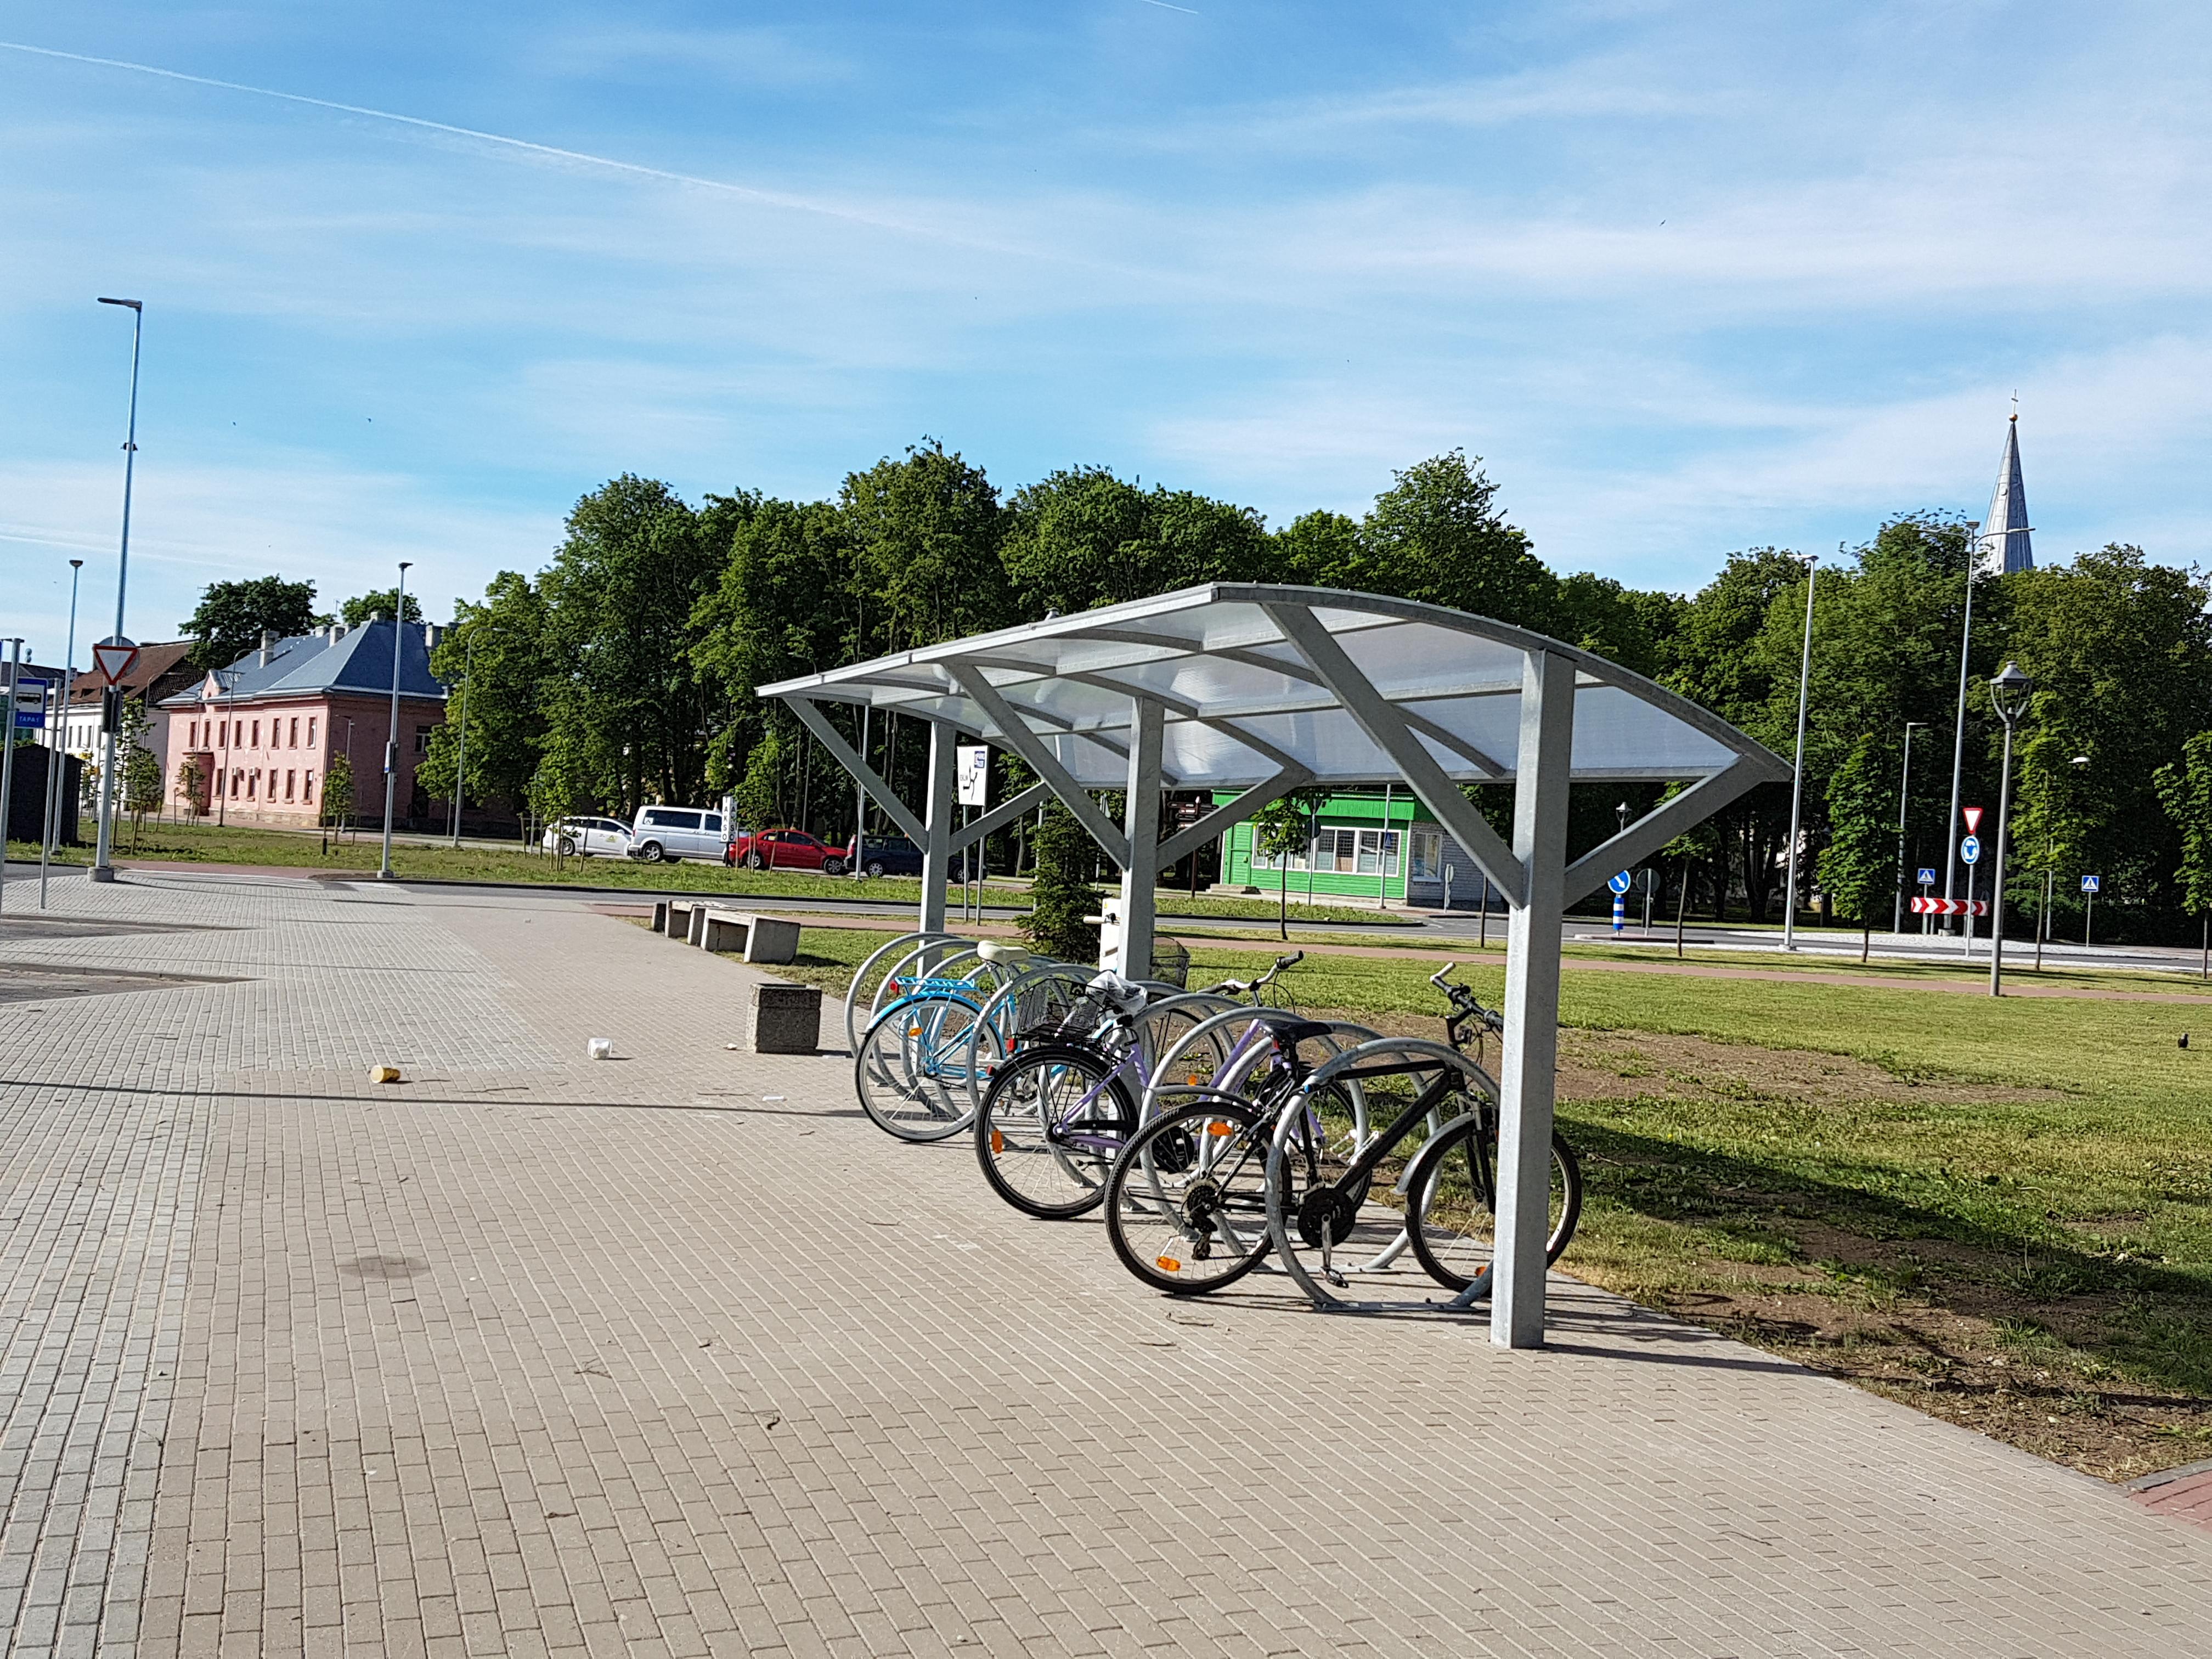 Rattaparkla Tapa raudteejaama lähedal. Pildistas Katrin Jõgisaar, Bioneer